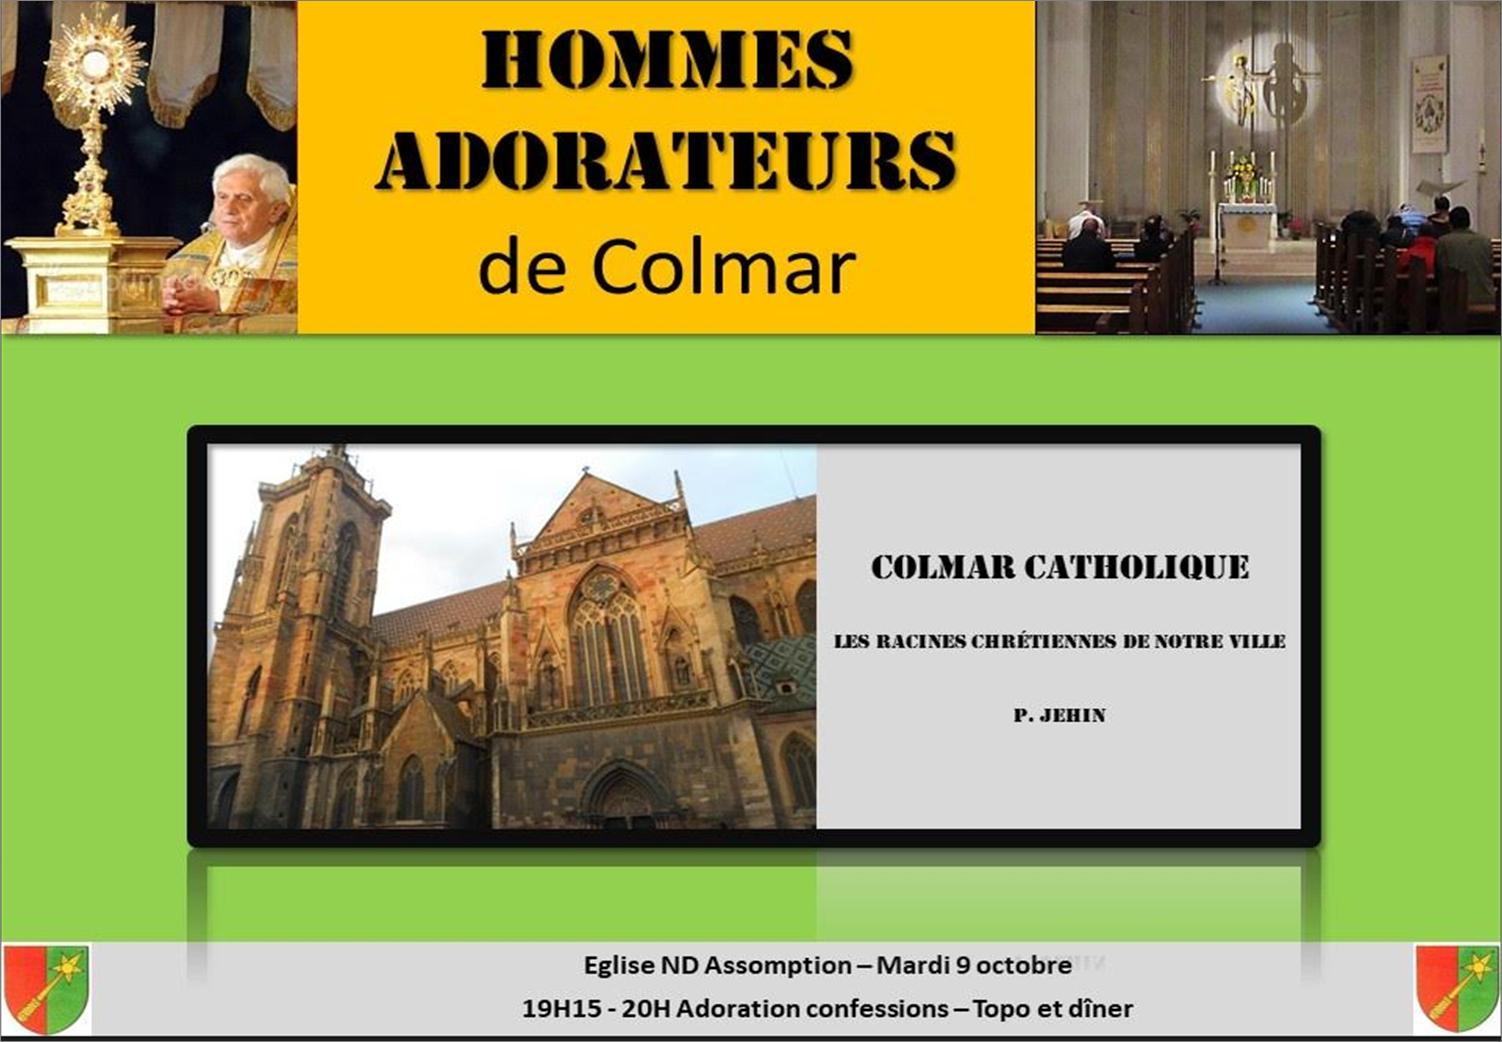 Mardi 9 octobre 2018: Rencontre des hommes-adorateurs de Colmar (68) – Colmar la catholique!